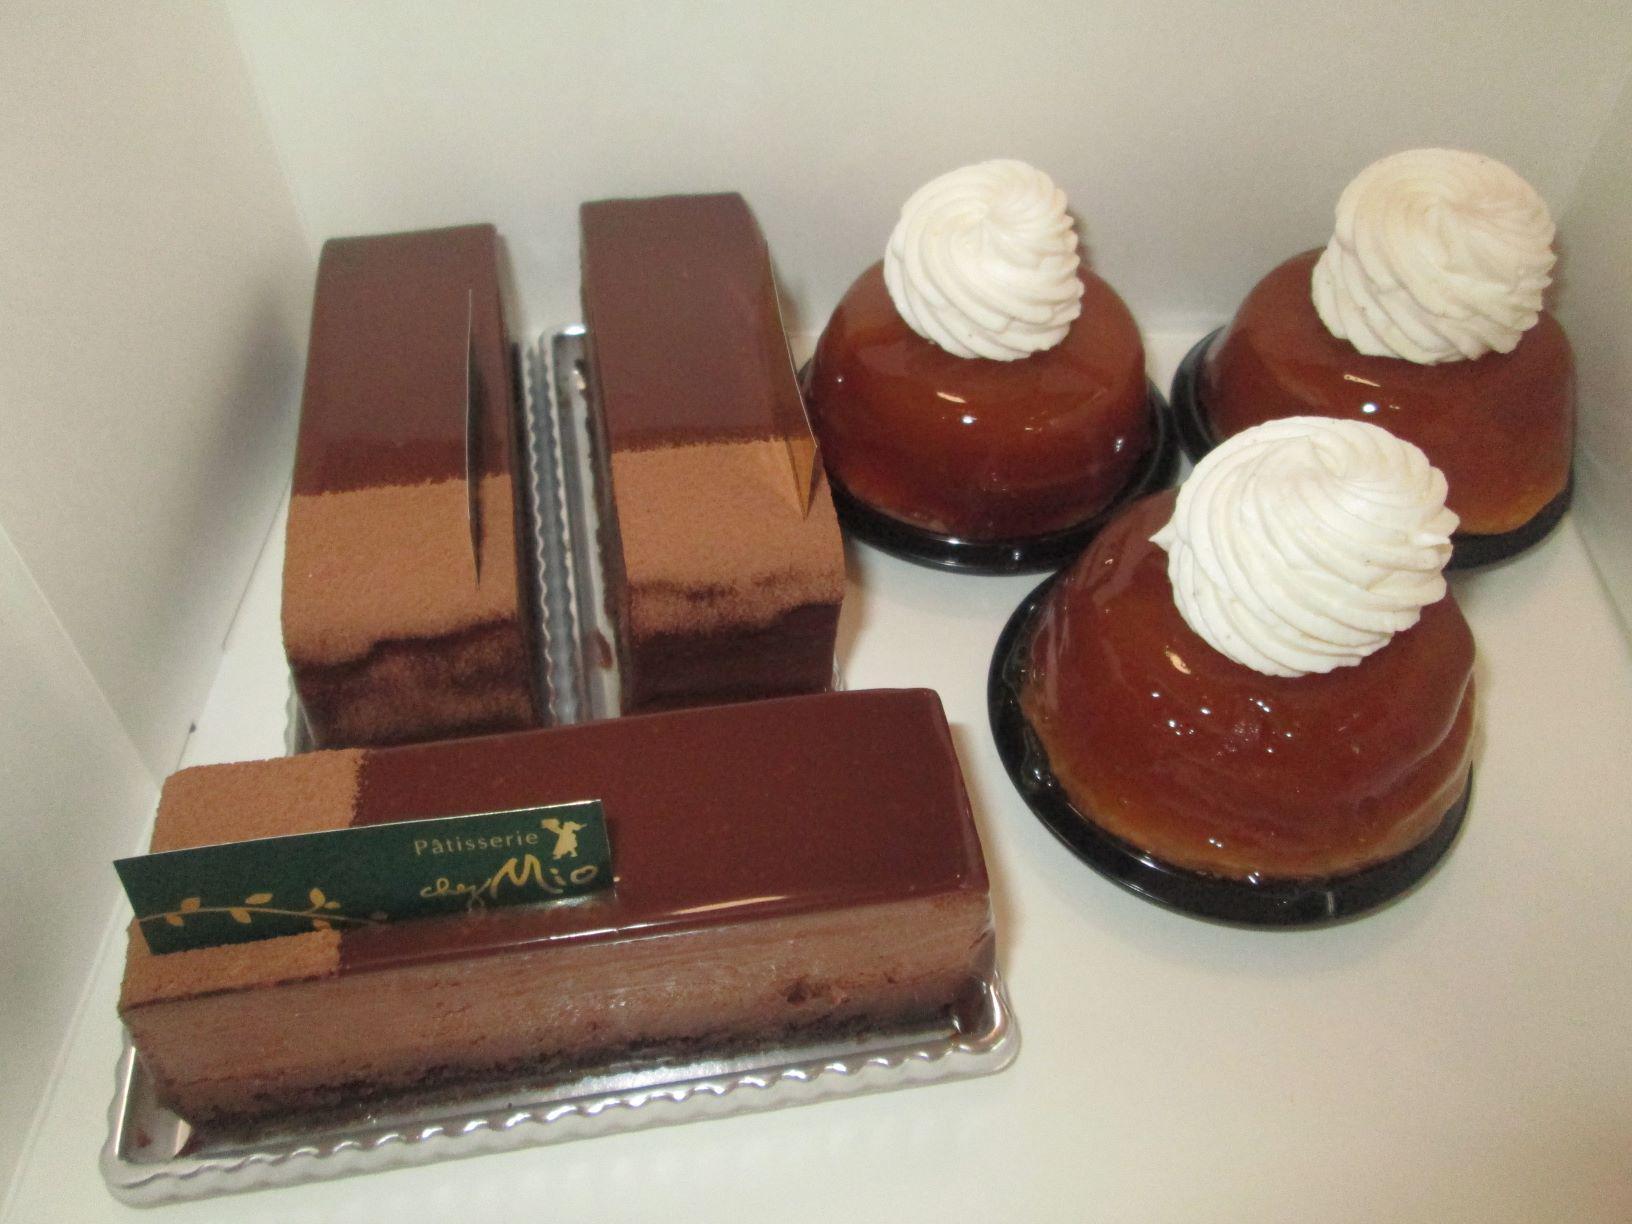 洋菓子の工房「シェ・ミオ」成沢本店さんに行ってきて、ケーキを2種類買ってきました。